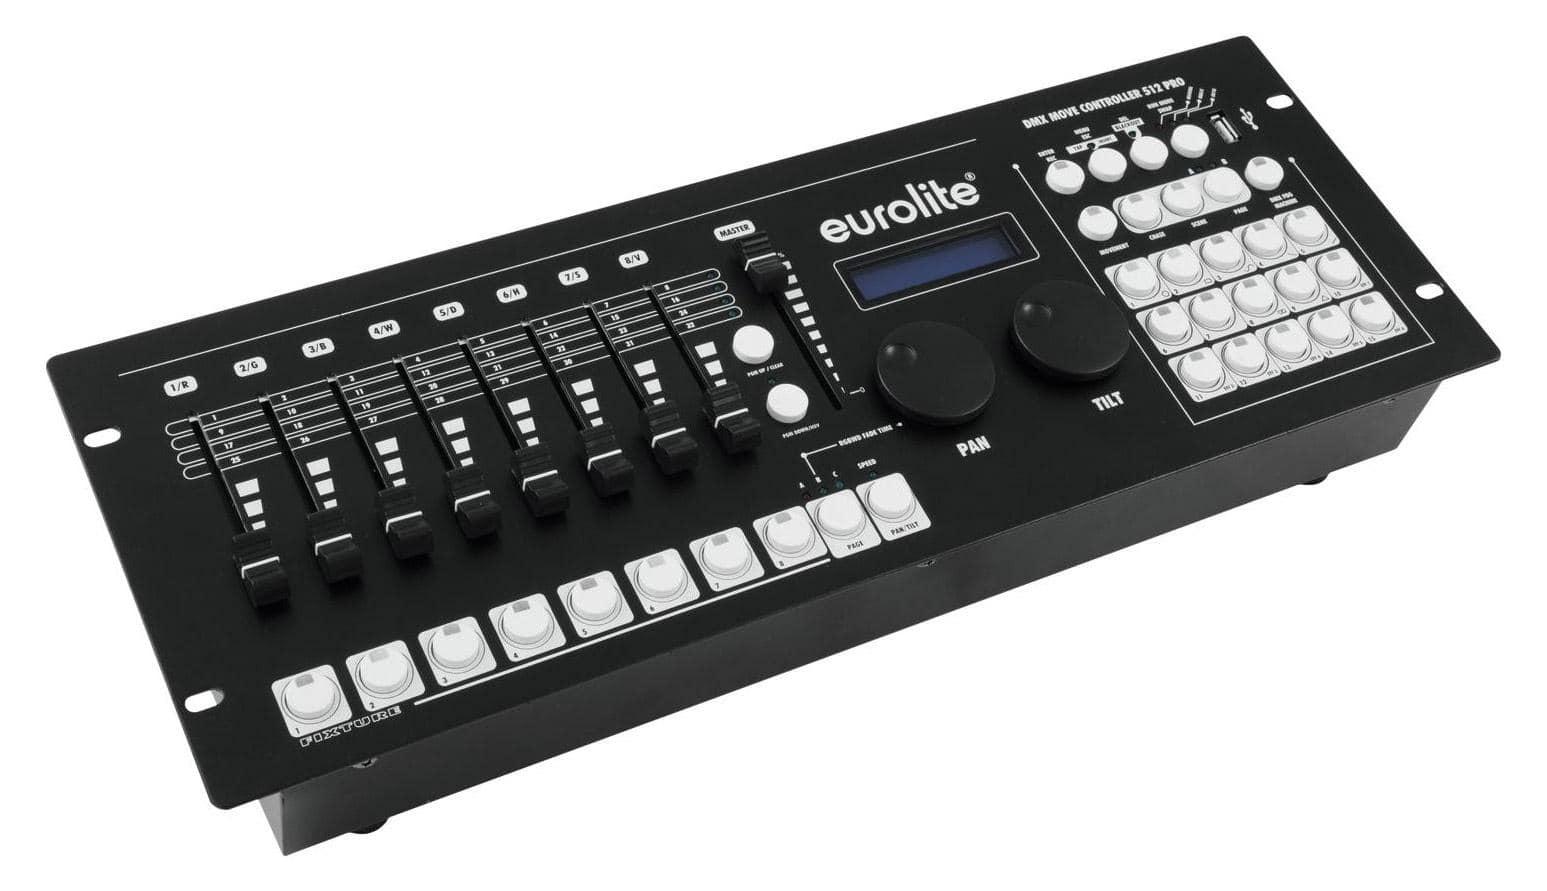 Lichtsteuerung - Eurolite DMX Move 512 PRO Moving Head Controller - Onlineshop Musikhaus Kirstein